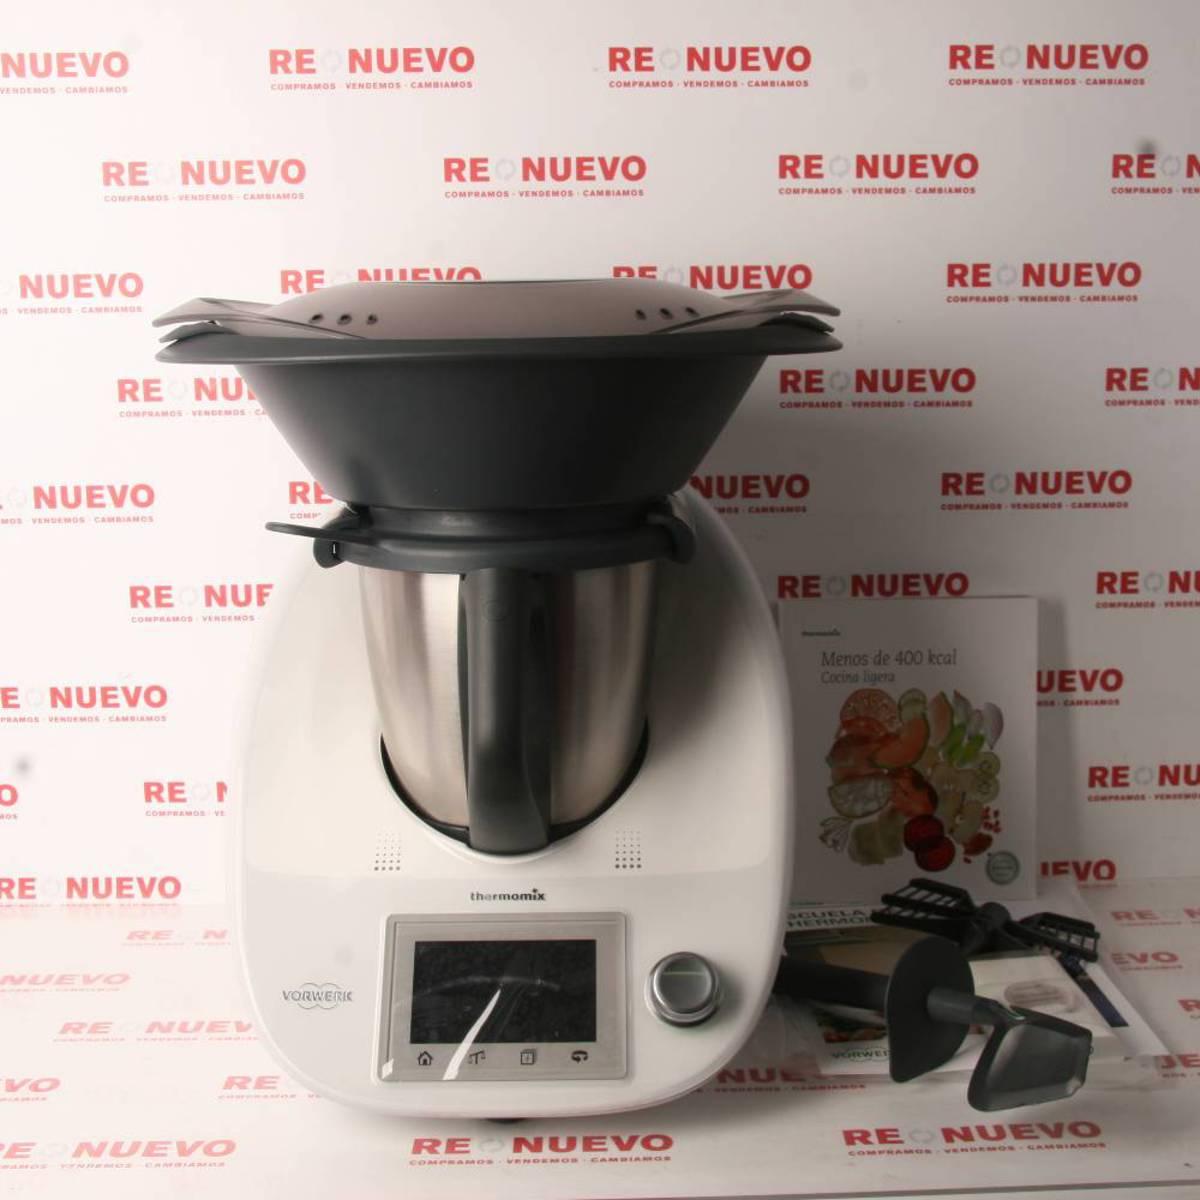 Genial robot cocina thermomix precio fotos por que no voy a comprarme el robot de cocina del - Thermomix del lidl precio ...